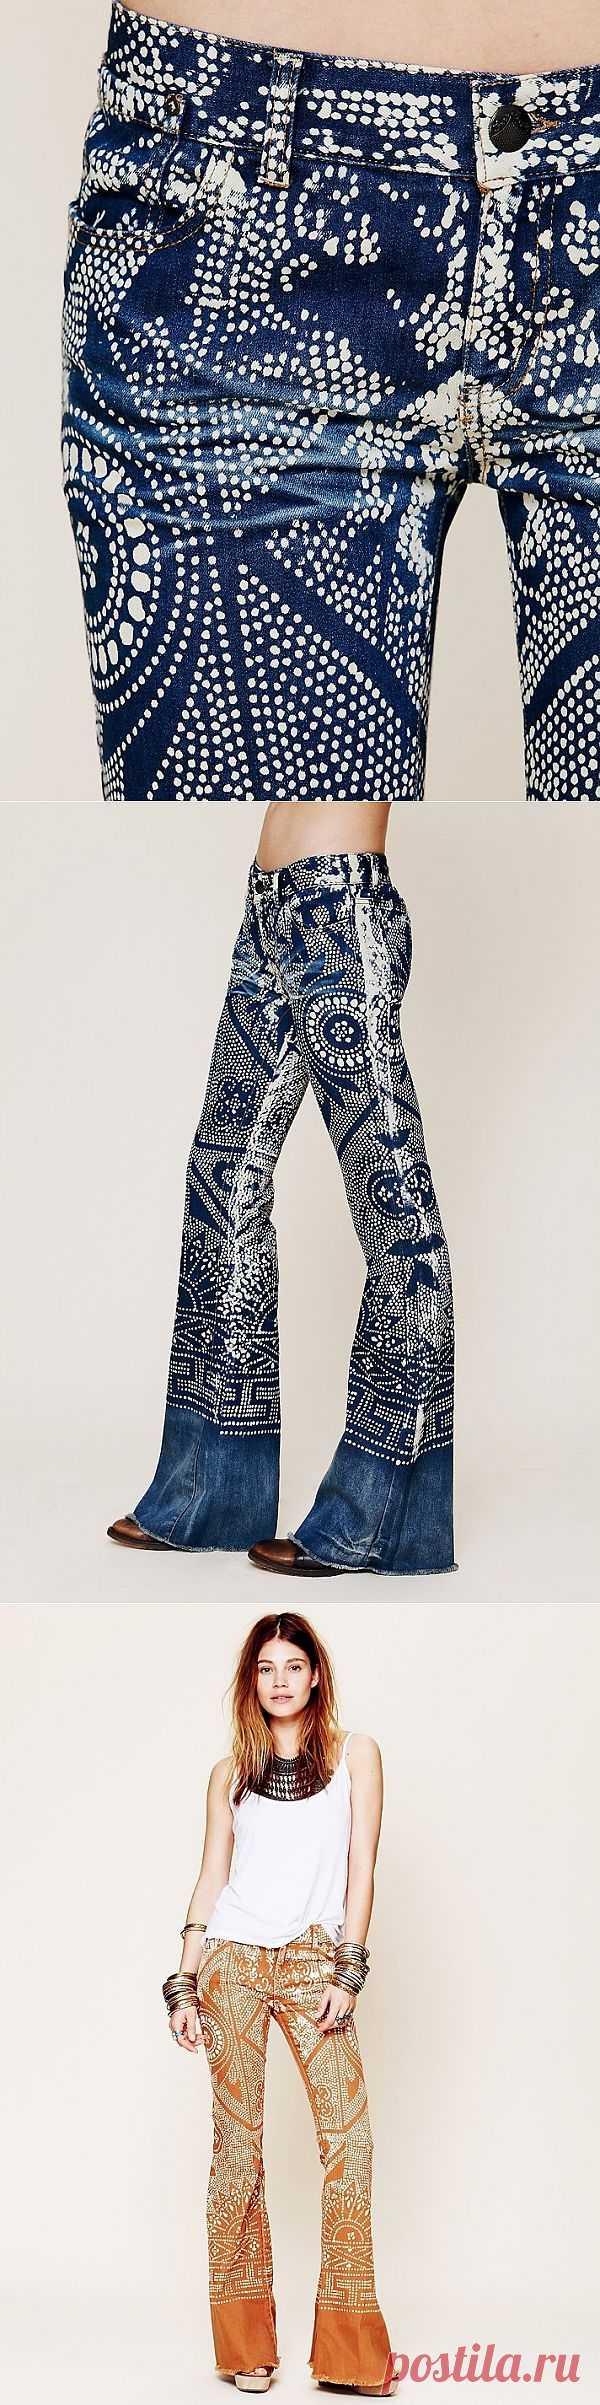 Джинсы в горошек бывают разные (трафик) / Переделка джинсов / Модный сайт о стильной переделке одежды и интерьера